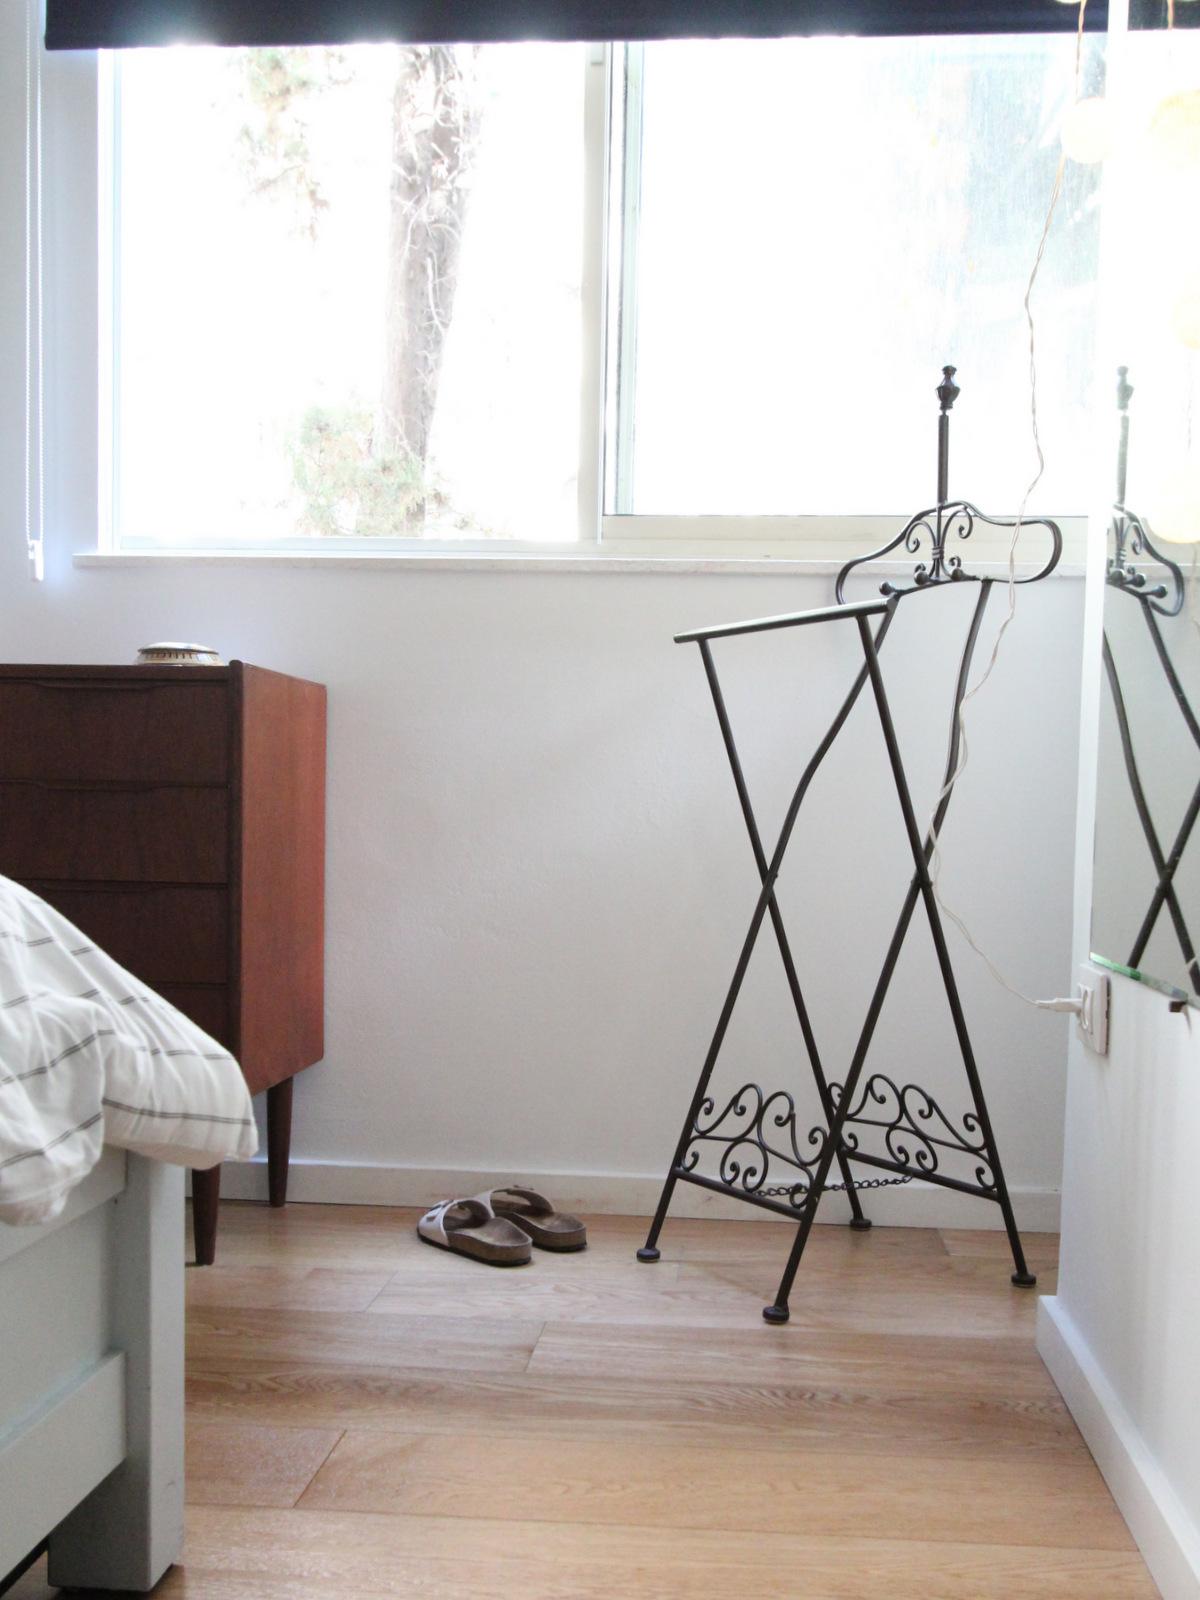 חדר שינה בוהו מודרני הום סטיילינג לירון גונן סטודיו מיס גרות וילון גלילה כהה רוזבד